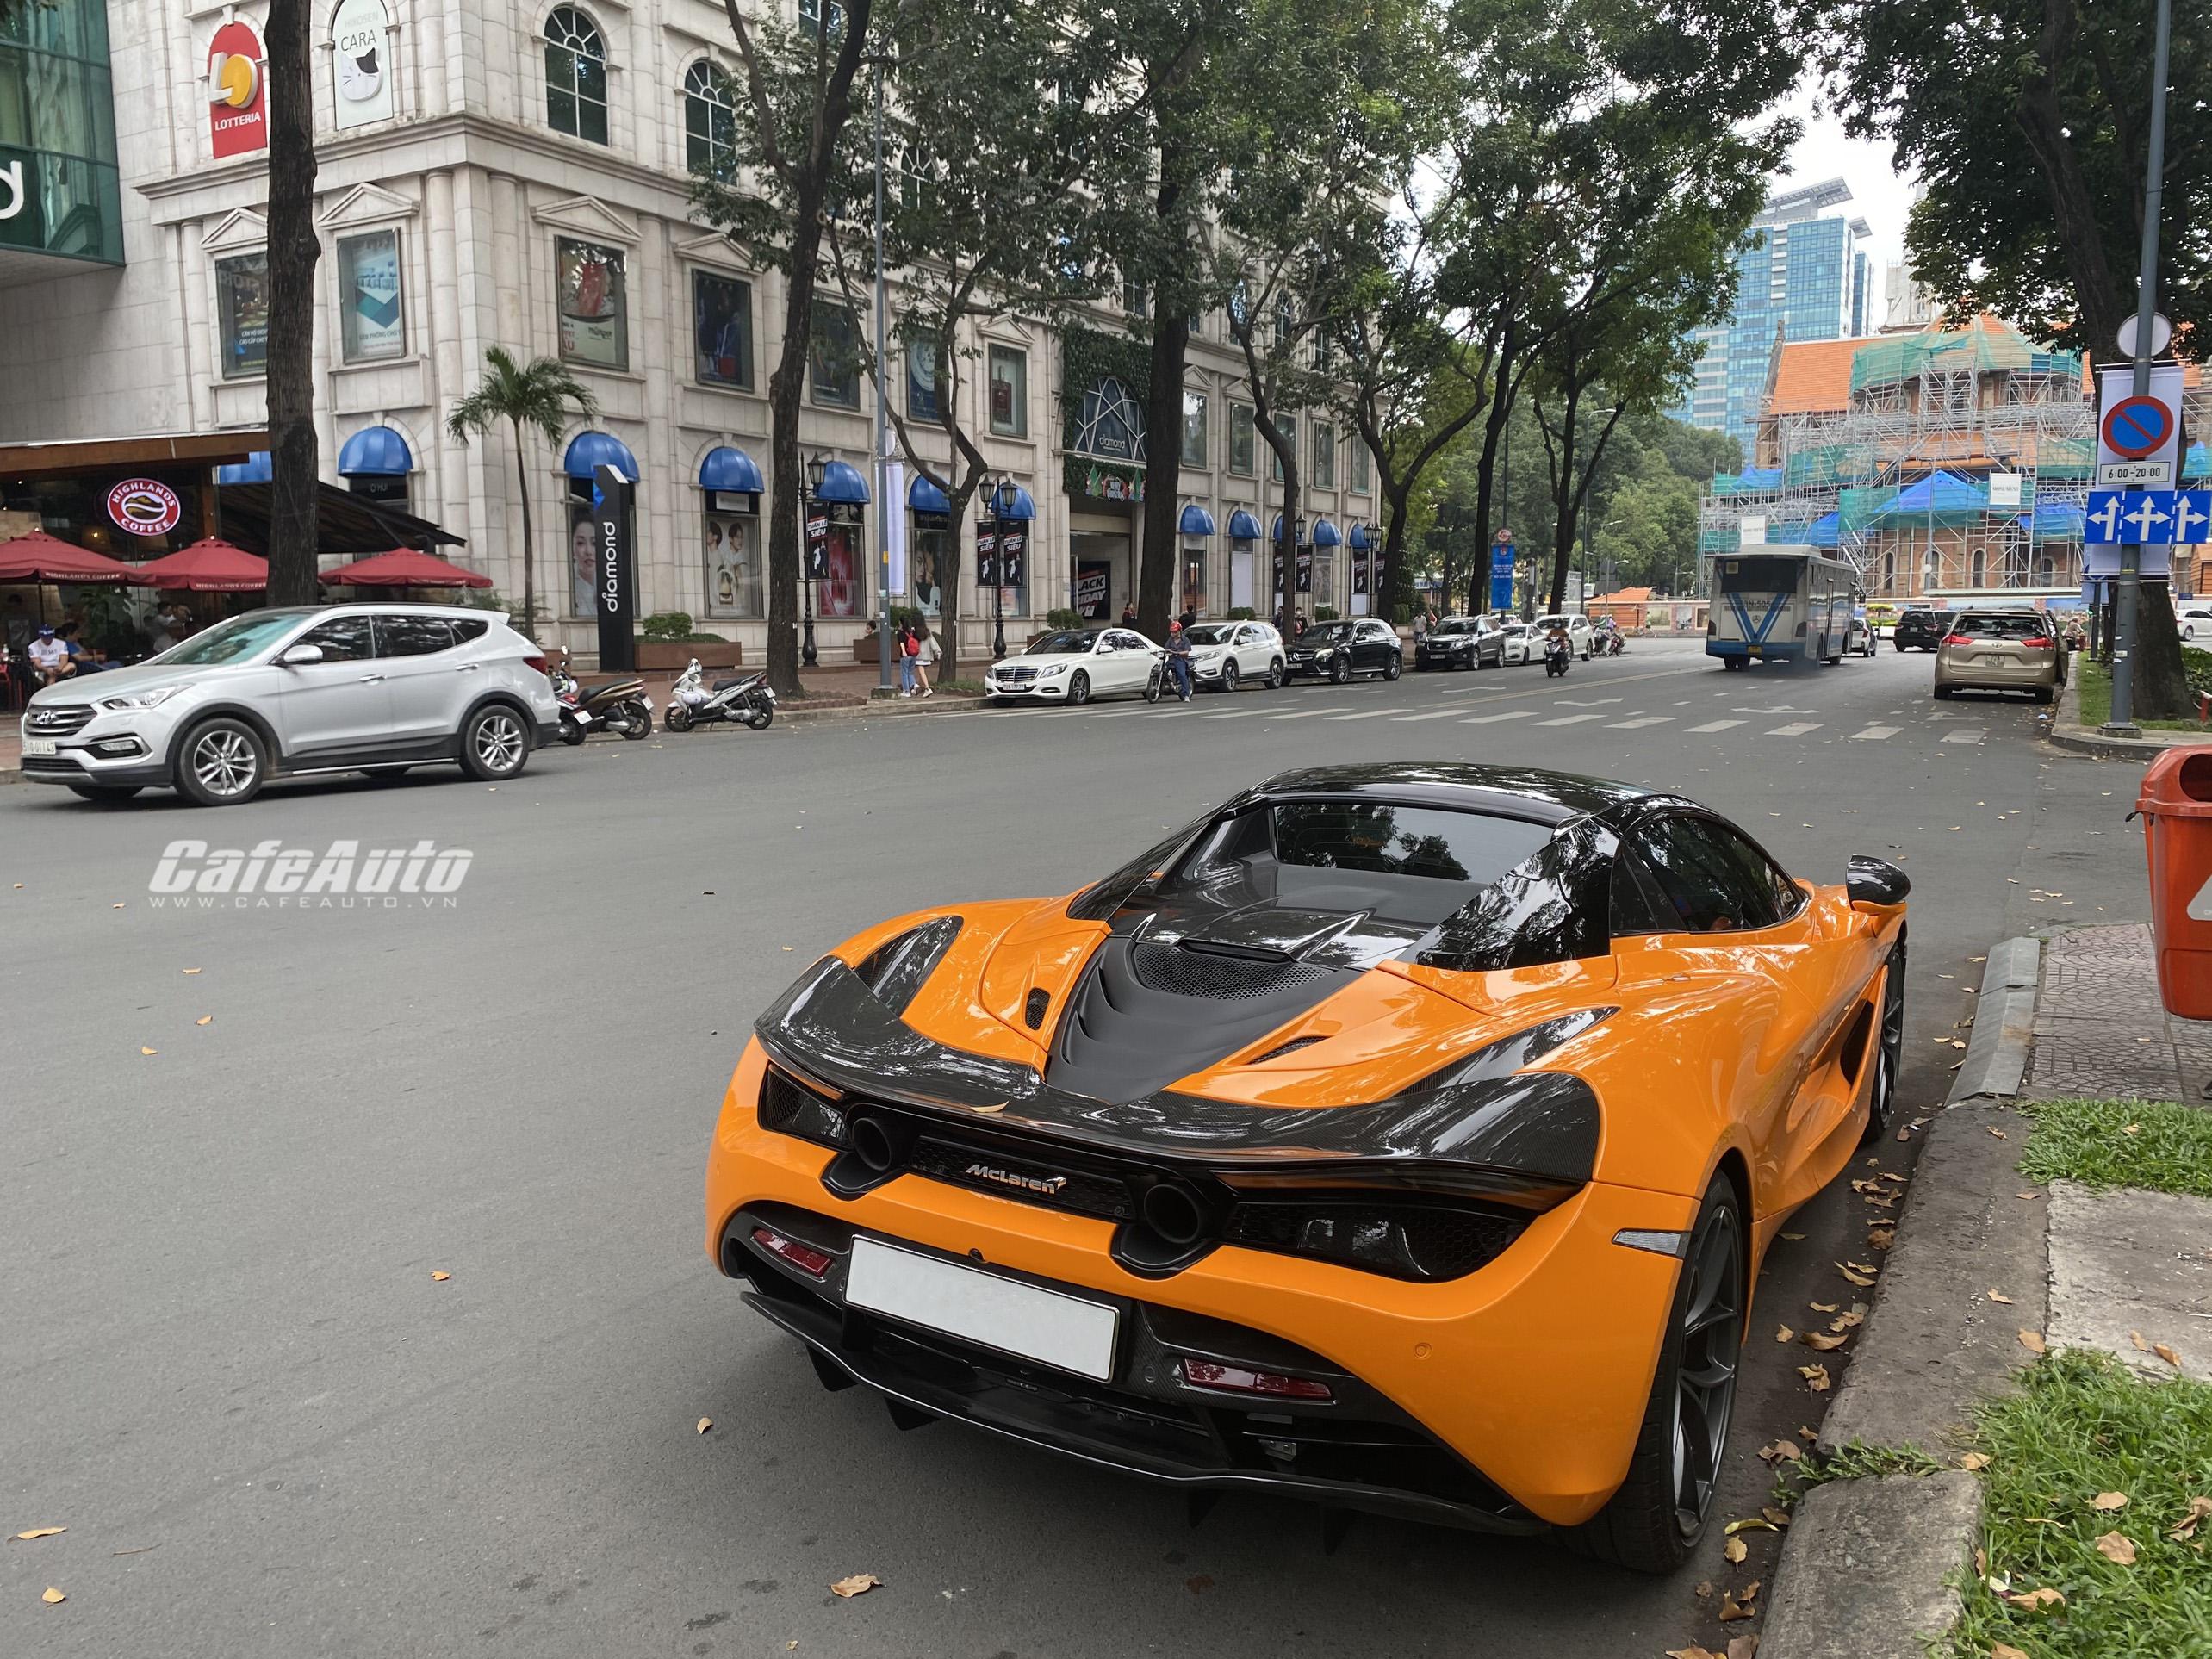 mclaren720sdoandibang-cafeautovn-21